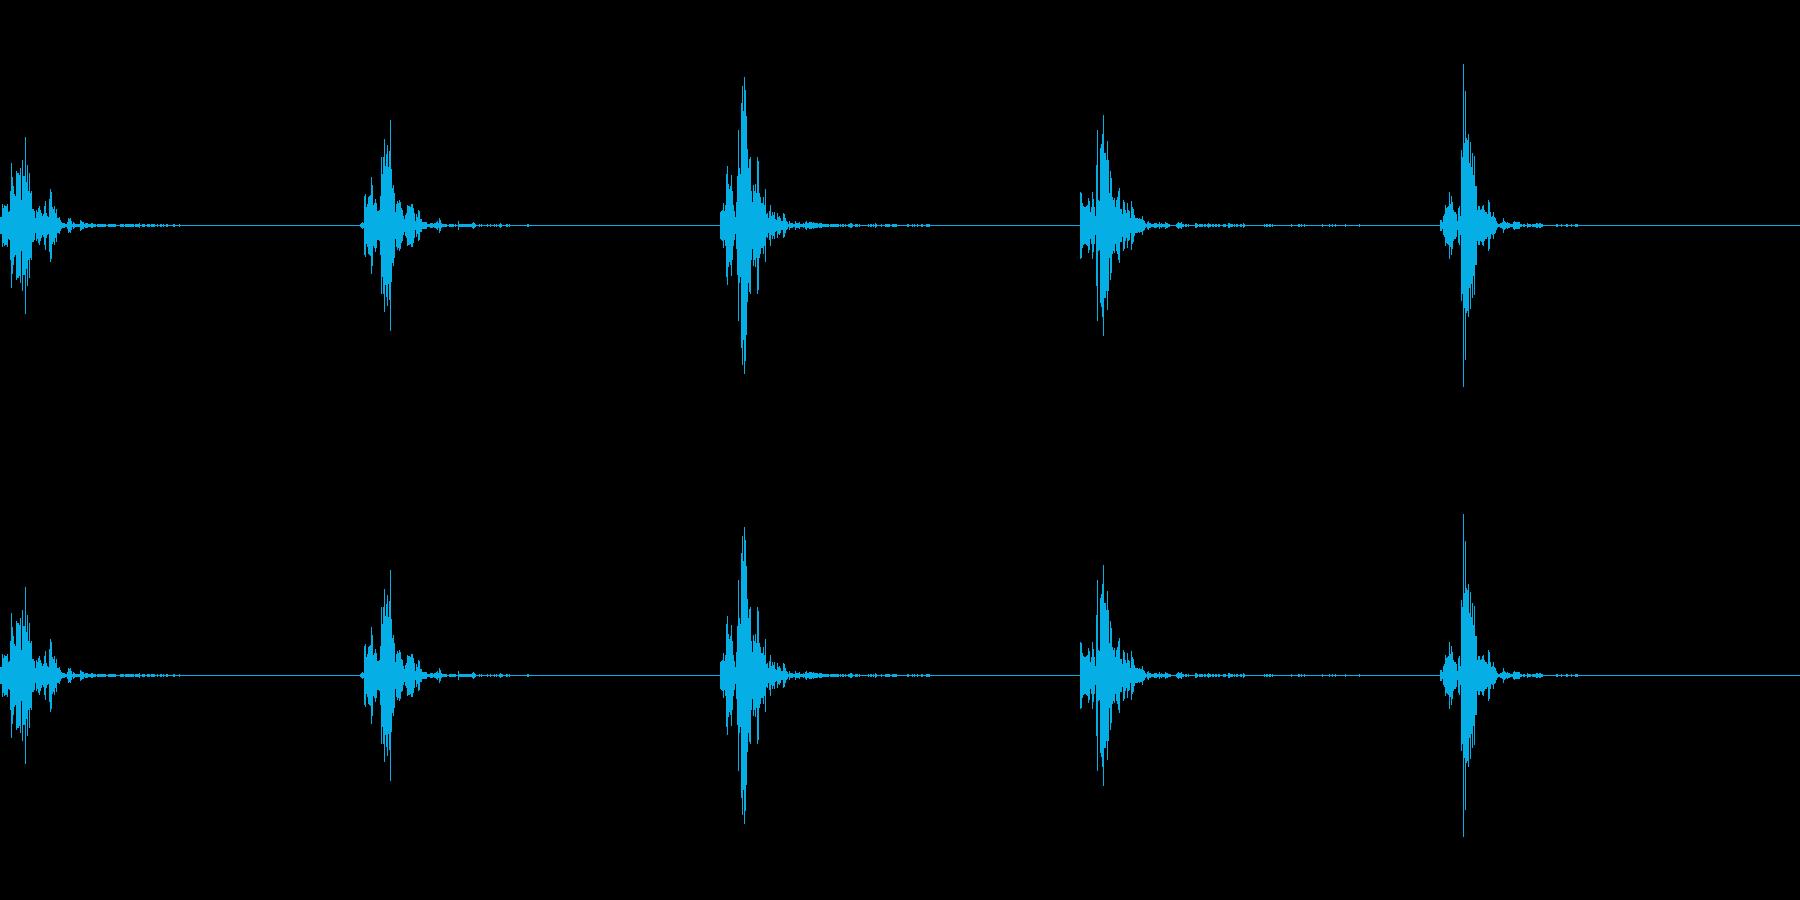 神楽鈴(小)を弱く振って鳴らした音の再生済みの波形